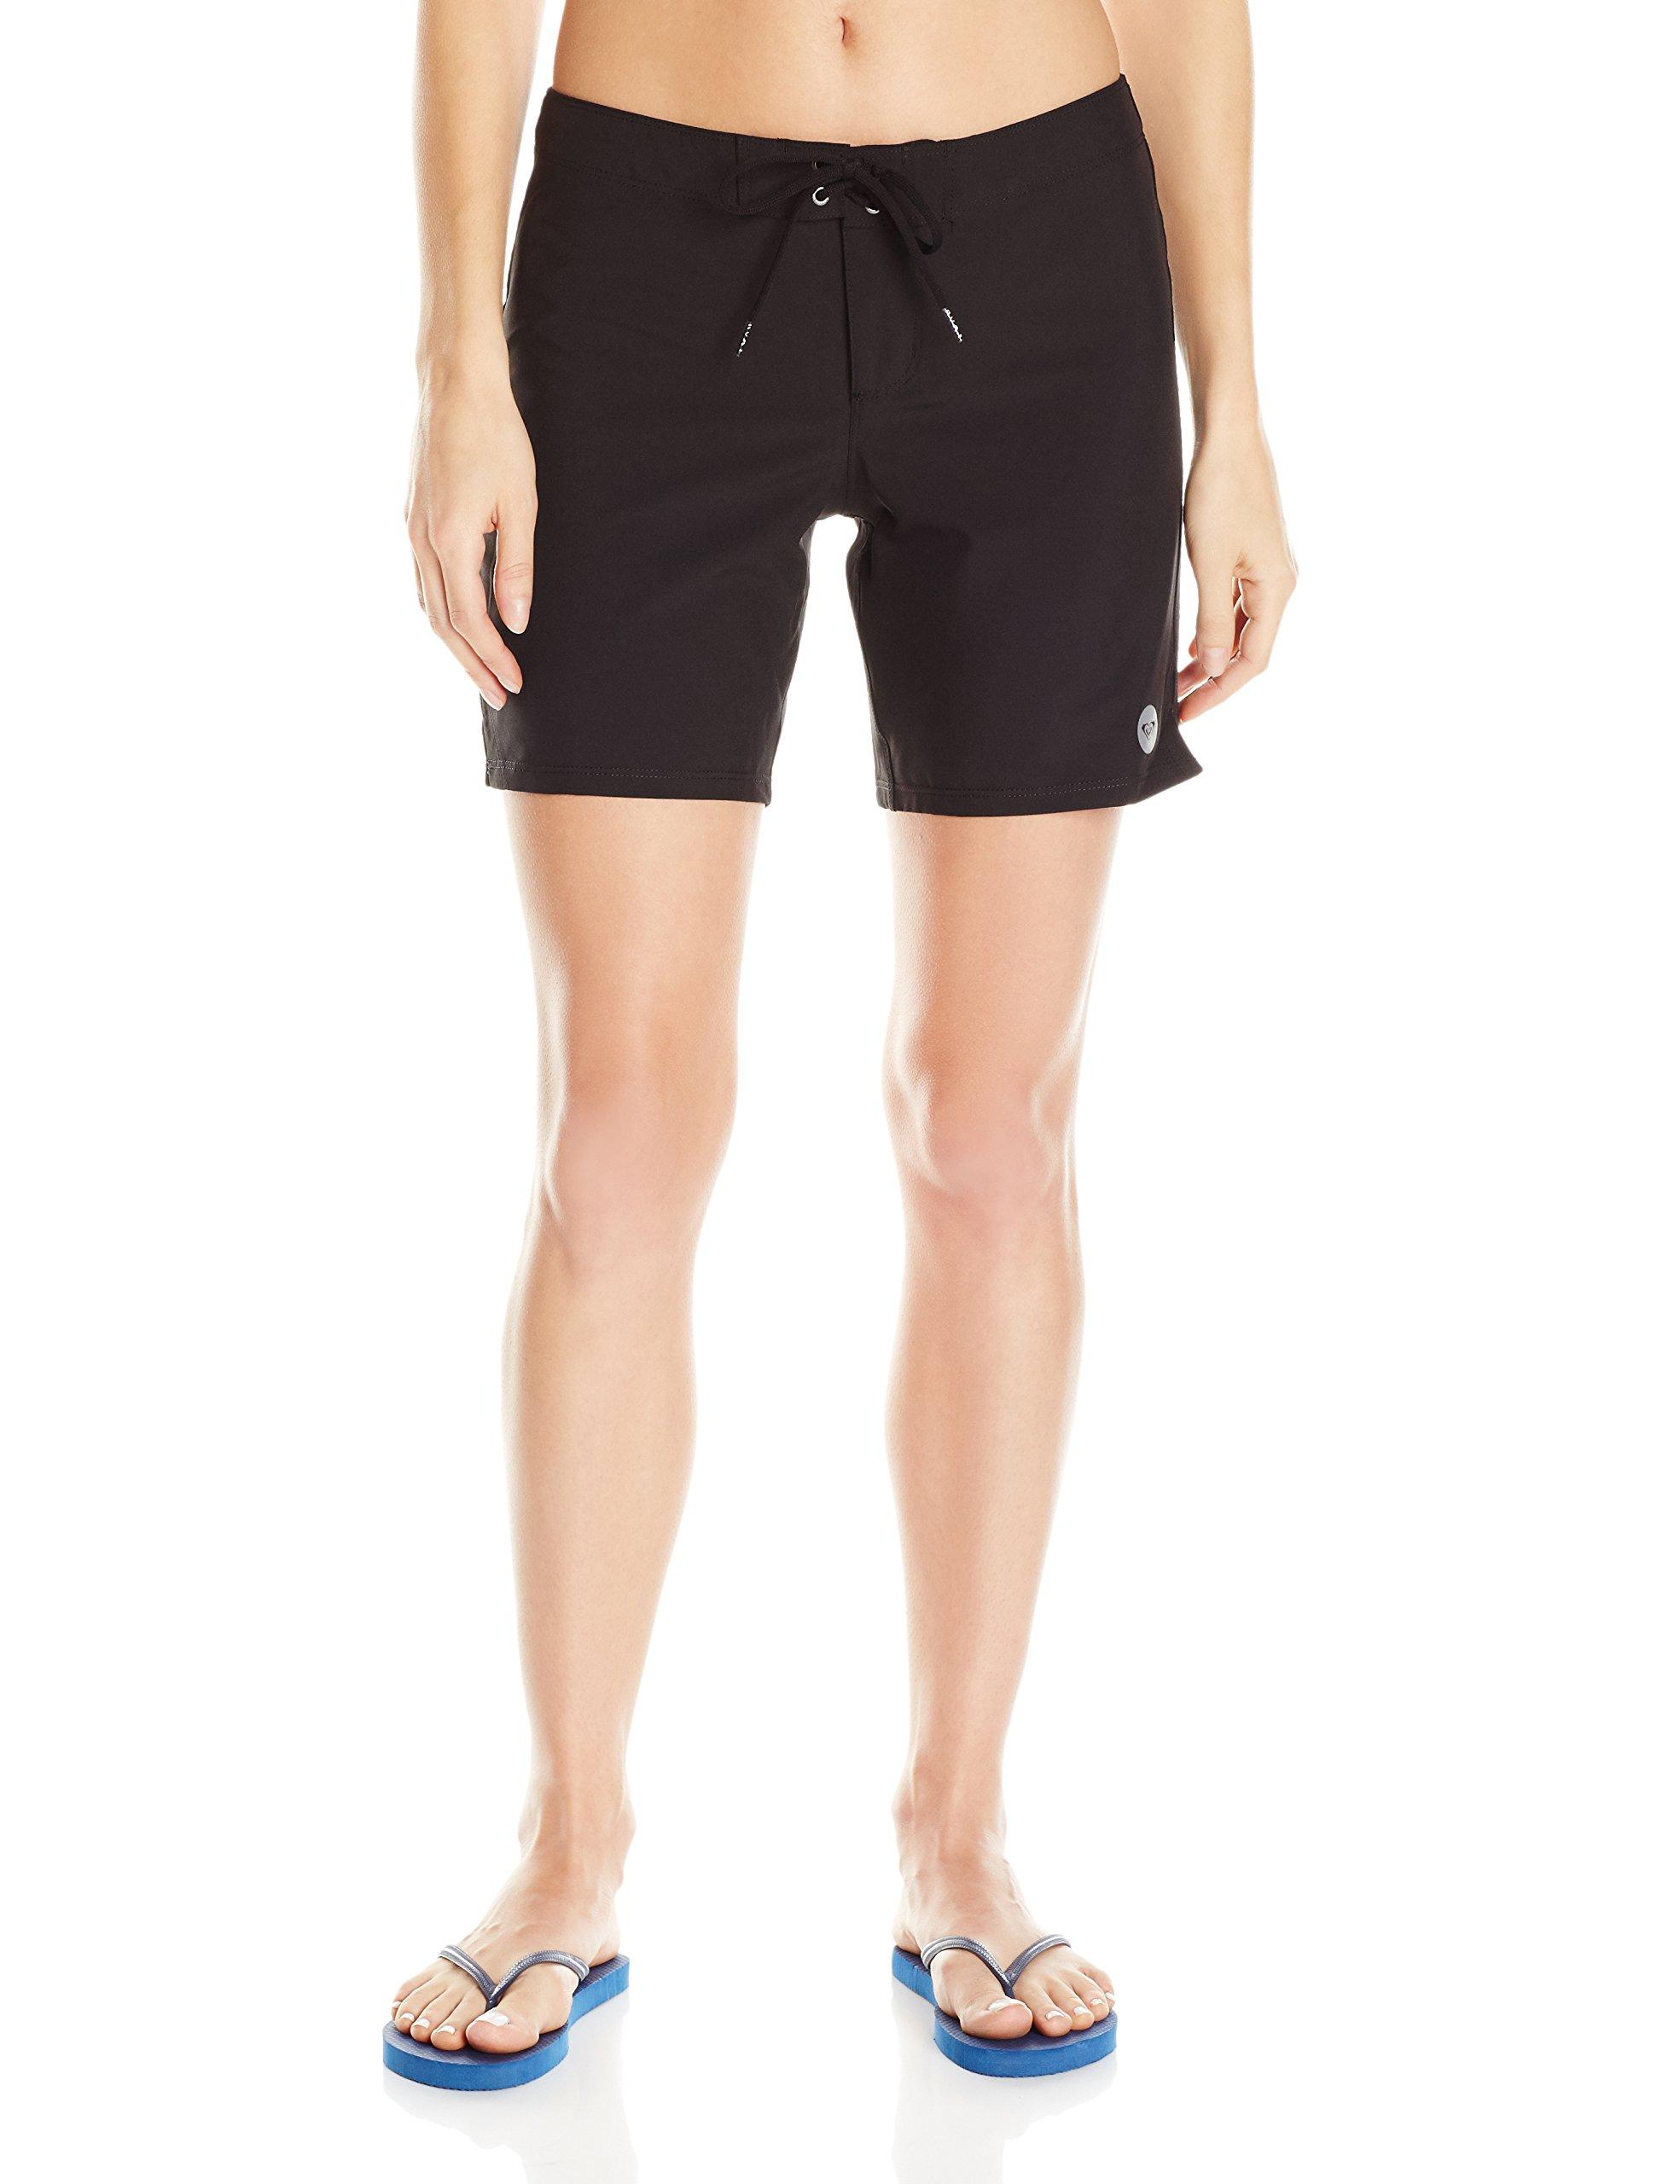 Roxy Women's to Dye 7 inch Boardshort, True Black, M